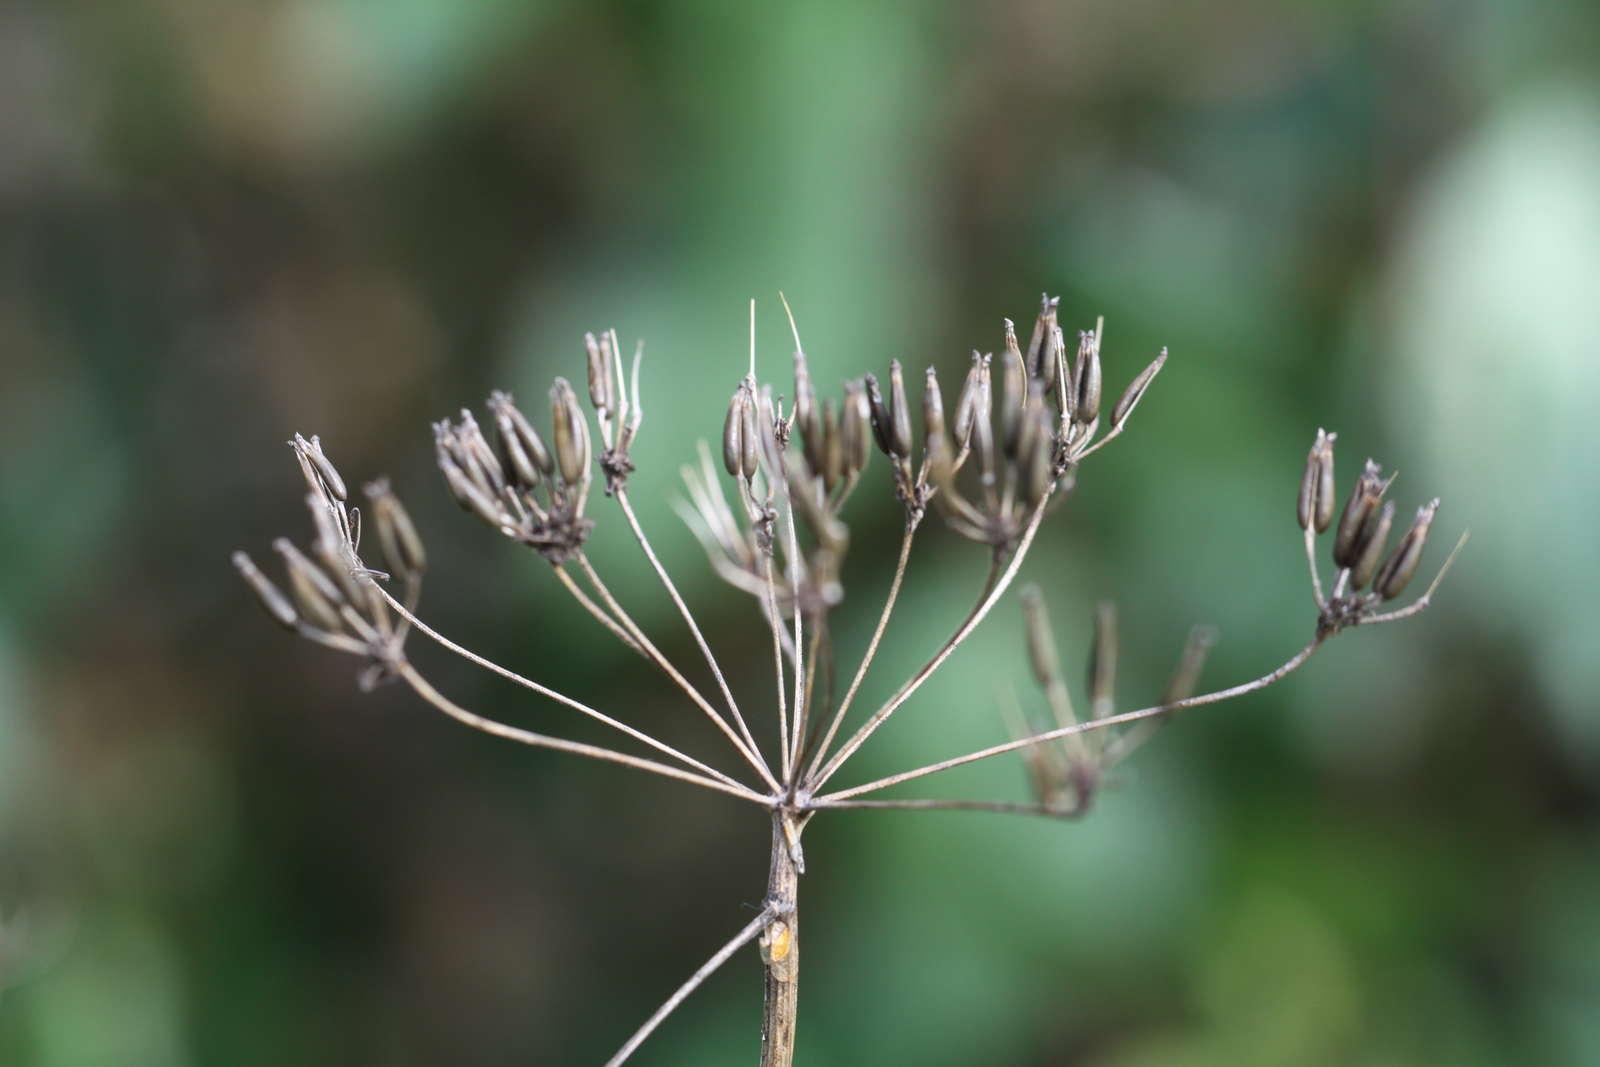 Kümmel Der Scharfe Samen Aus Dem Eigenen Garten Plantura